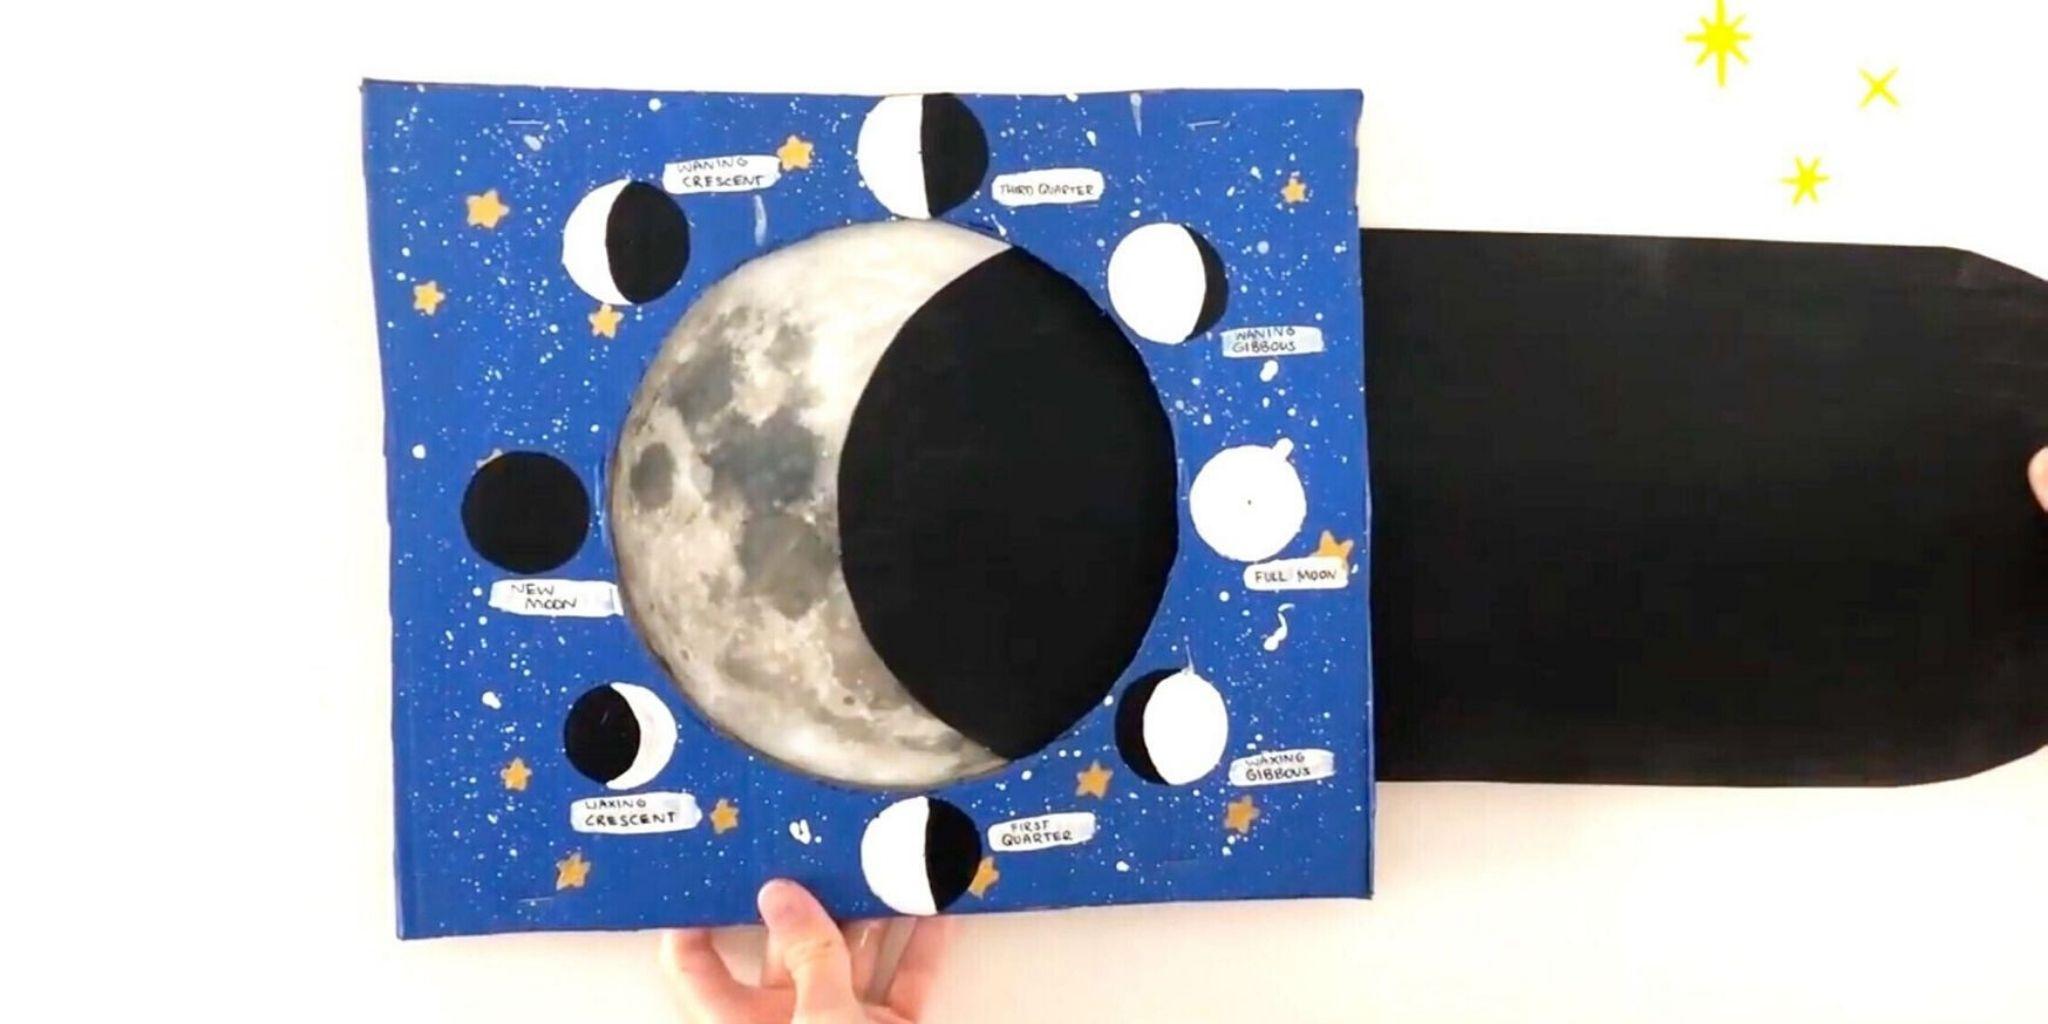 De maanfasen - Astronomie voor kinderen